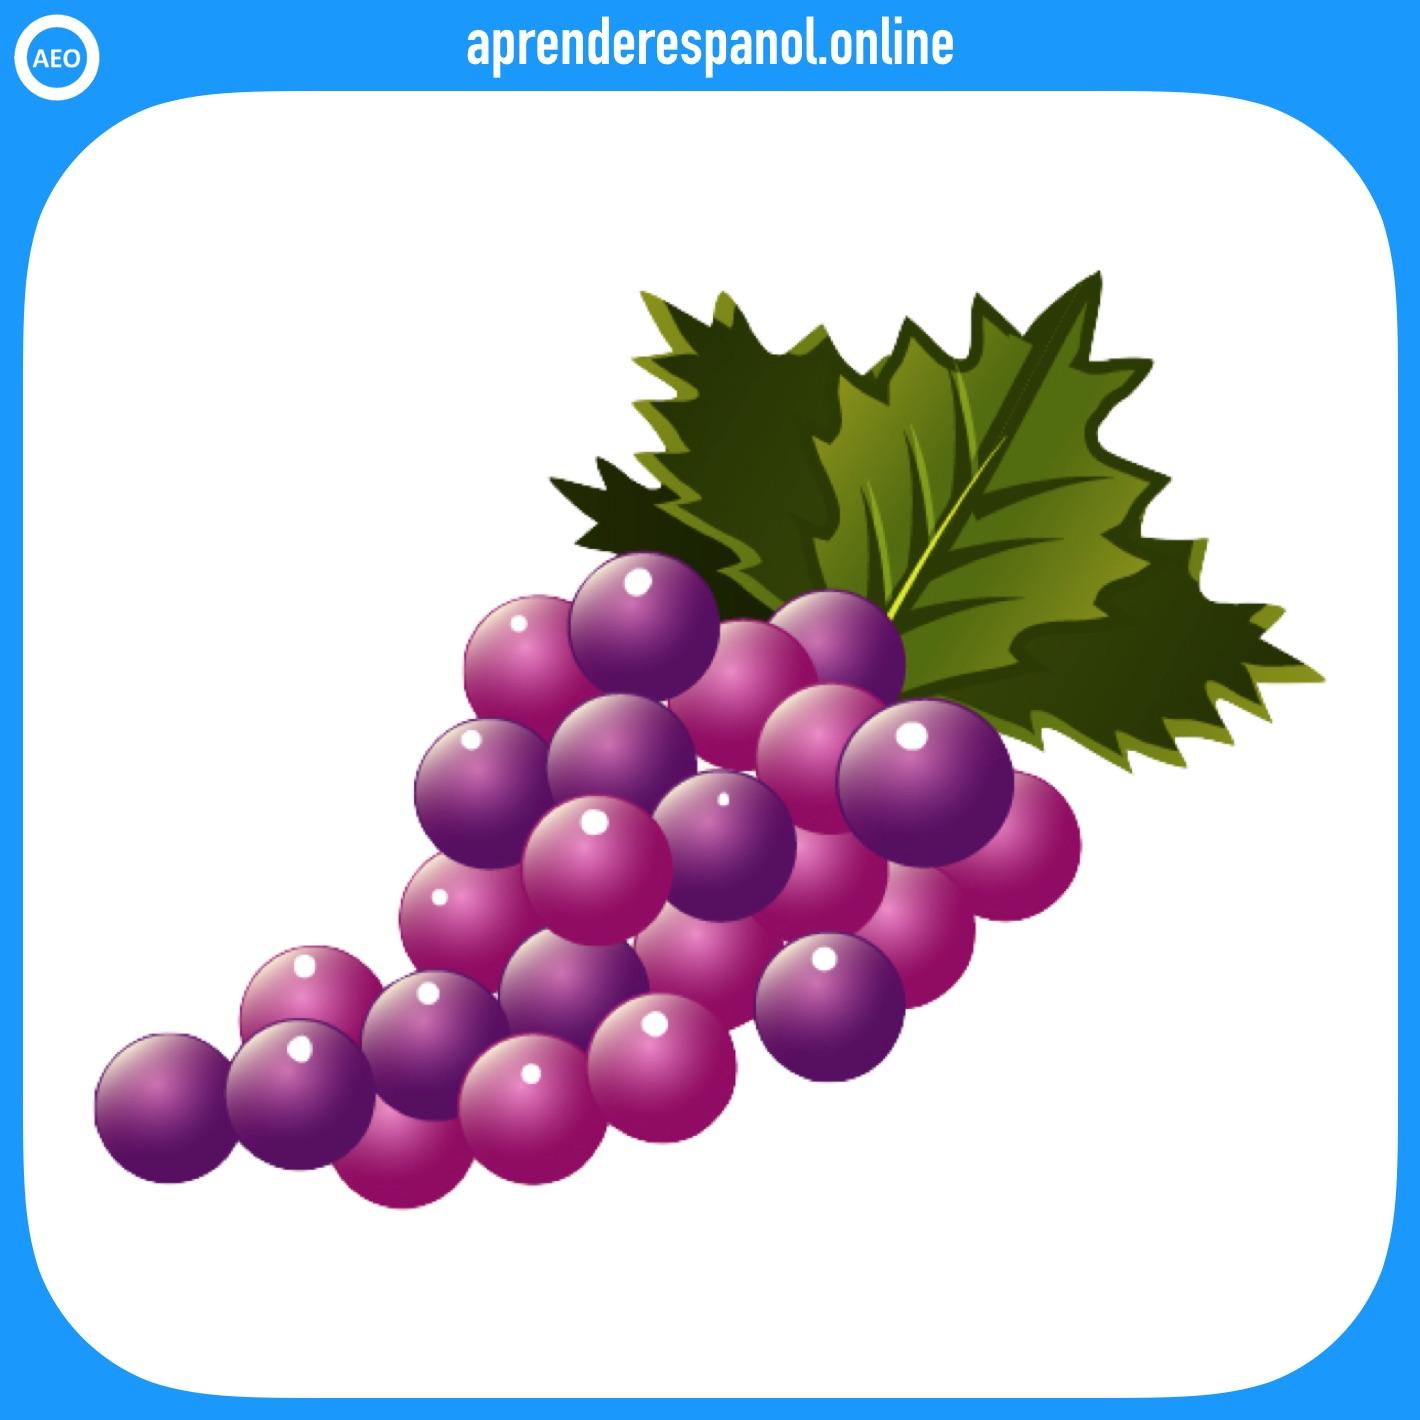 frutas: uva - frutas en español - vocabulario de las frutas en español